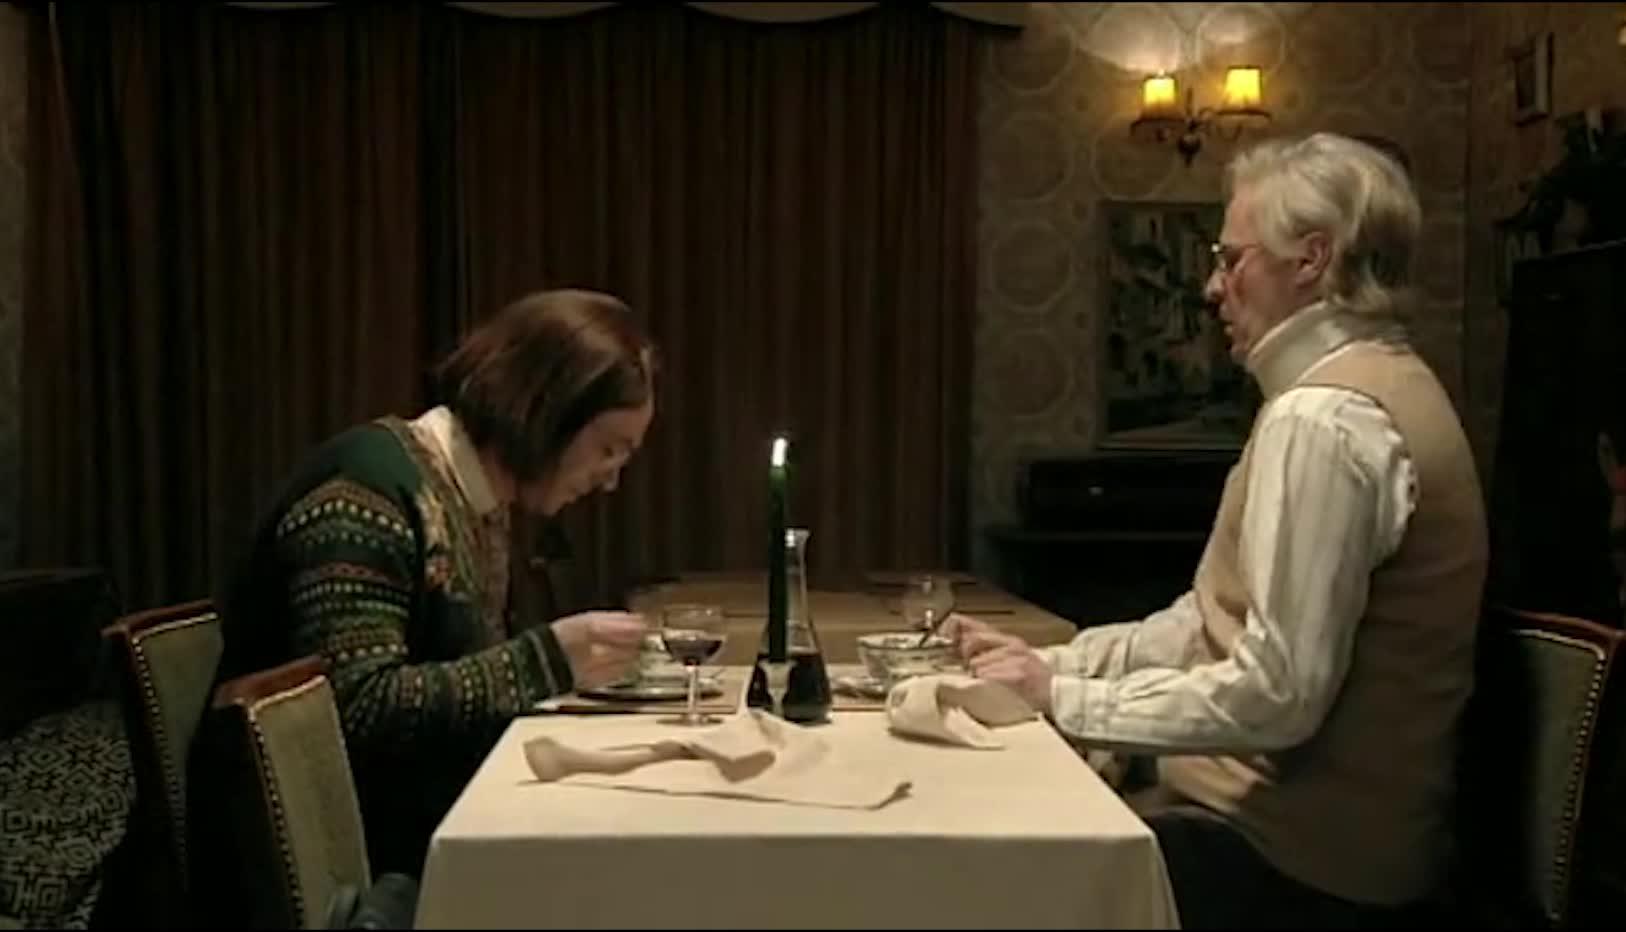 情人到男子家约会,吃饭过程中,意外发现众多尸体